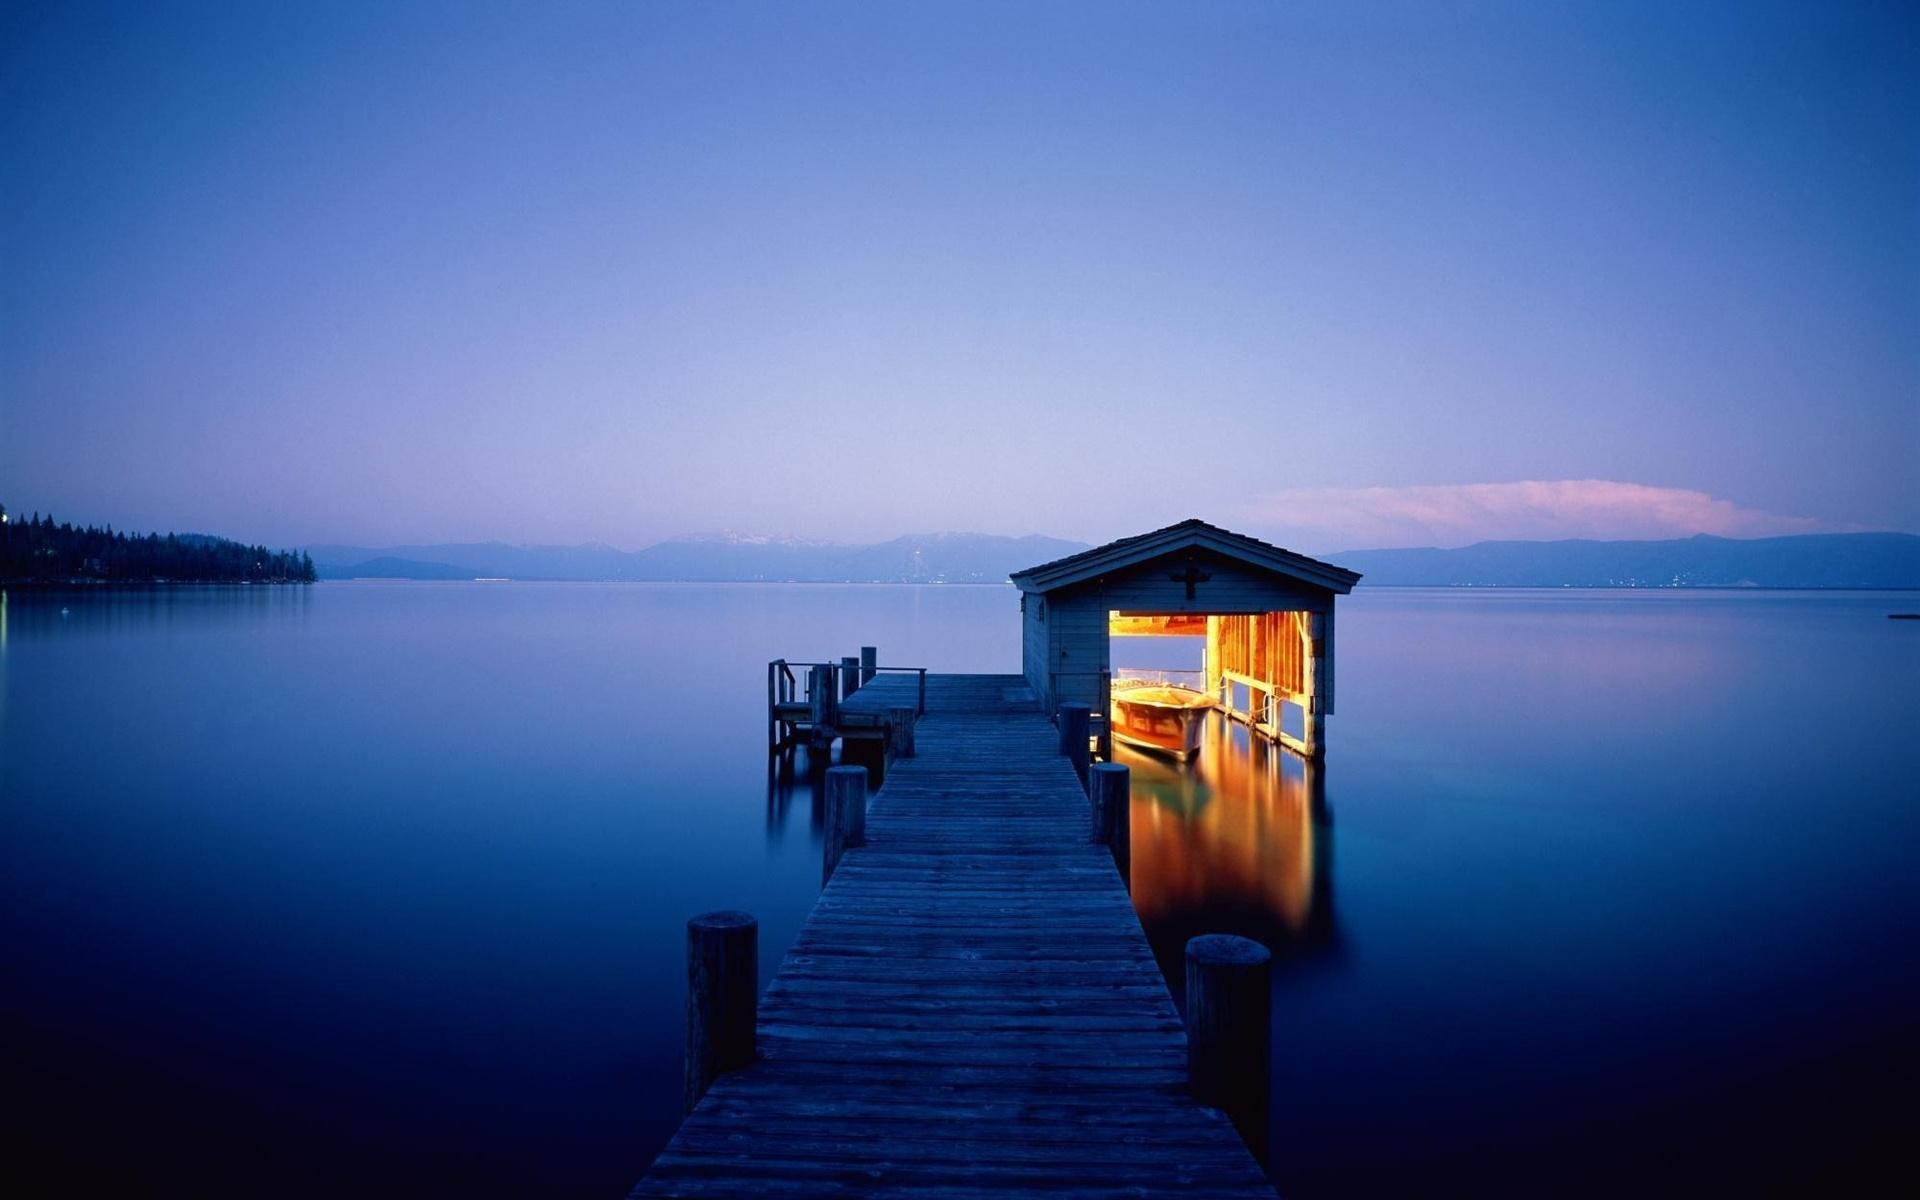 夜 湖 ドック 家 ボート ライト デスクトップの壁紙 19x10 壁紙をダウンロード Ja Hdwall365 Com